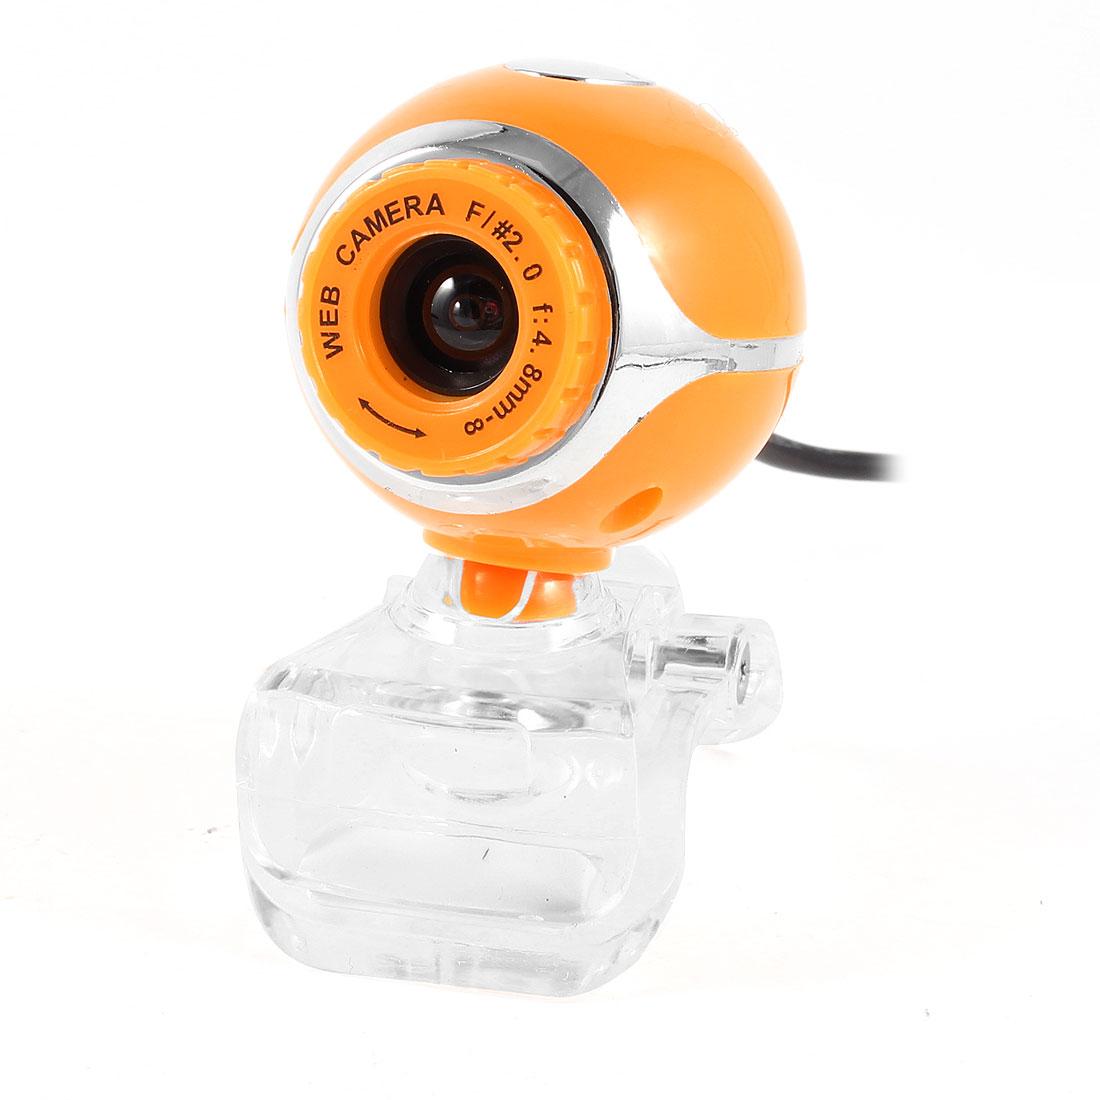 Clip on 1004x1004 1.3 Mega Pixels Camera USB2.0 Webcam Yellow